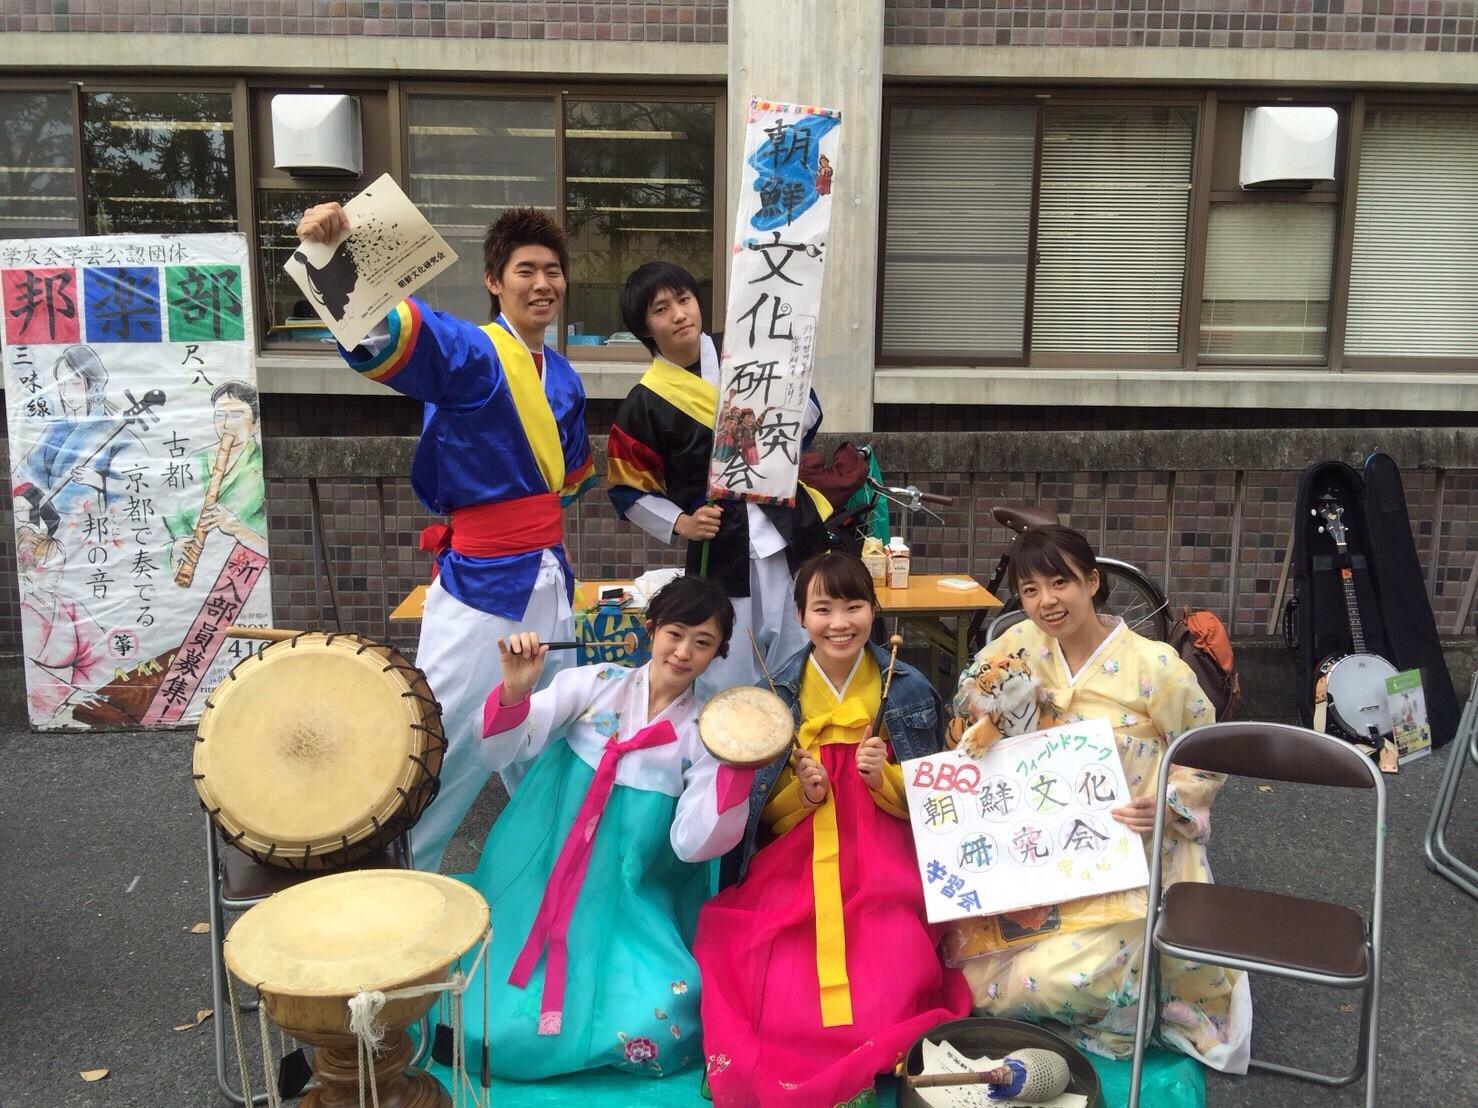 K-35朝鮮文化研究会